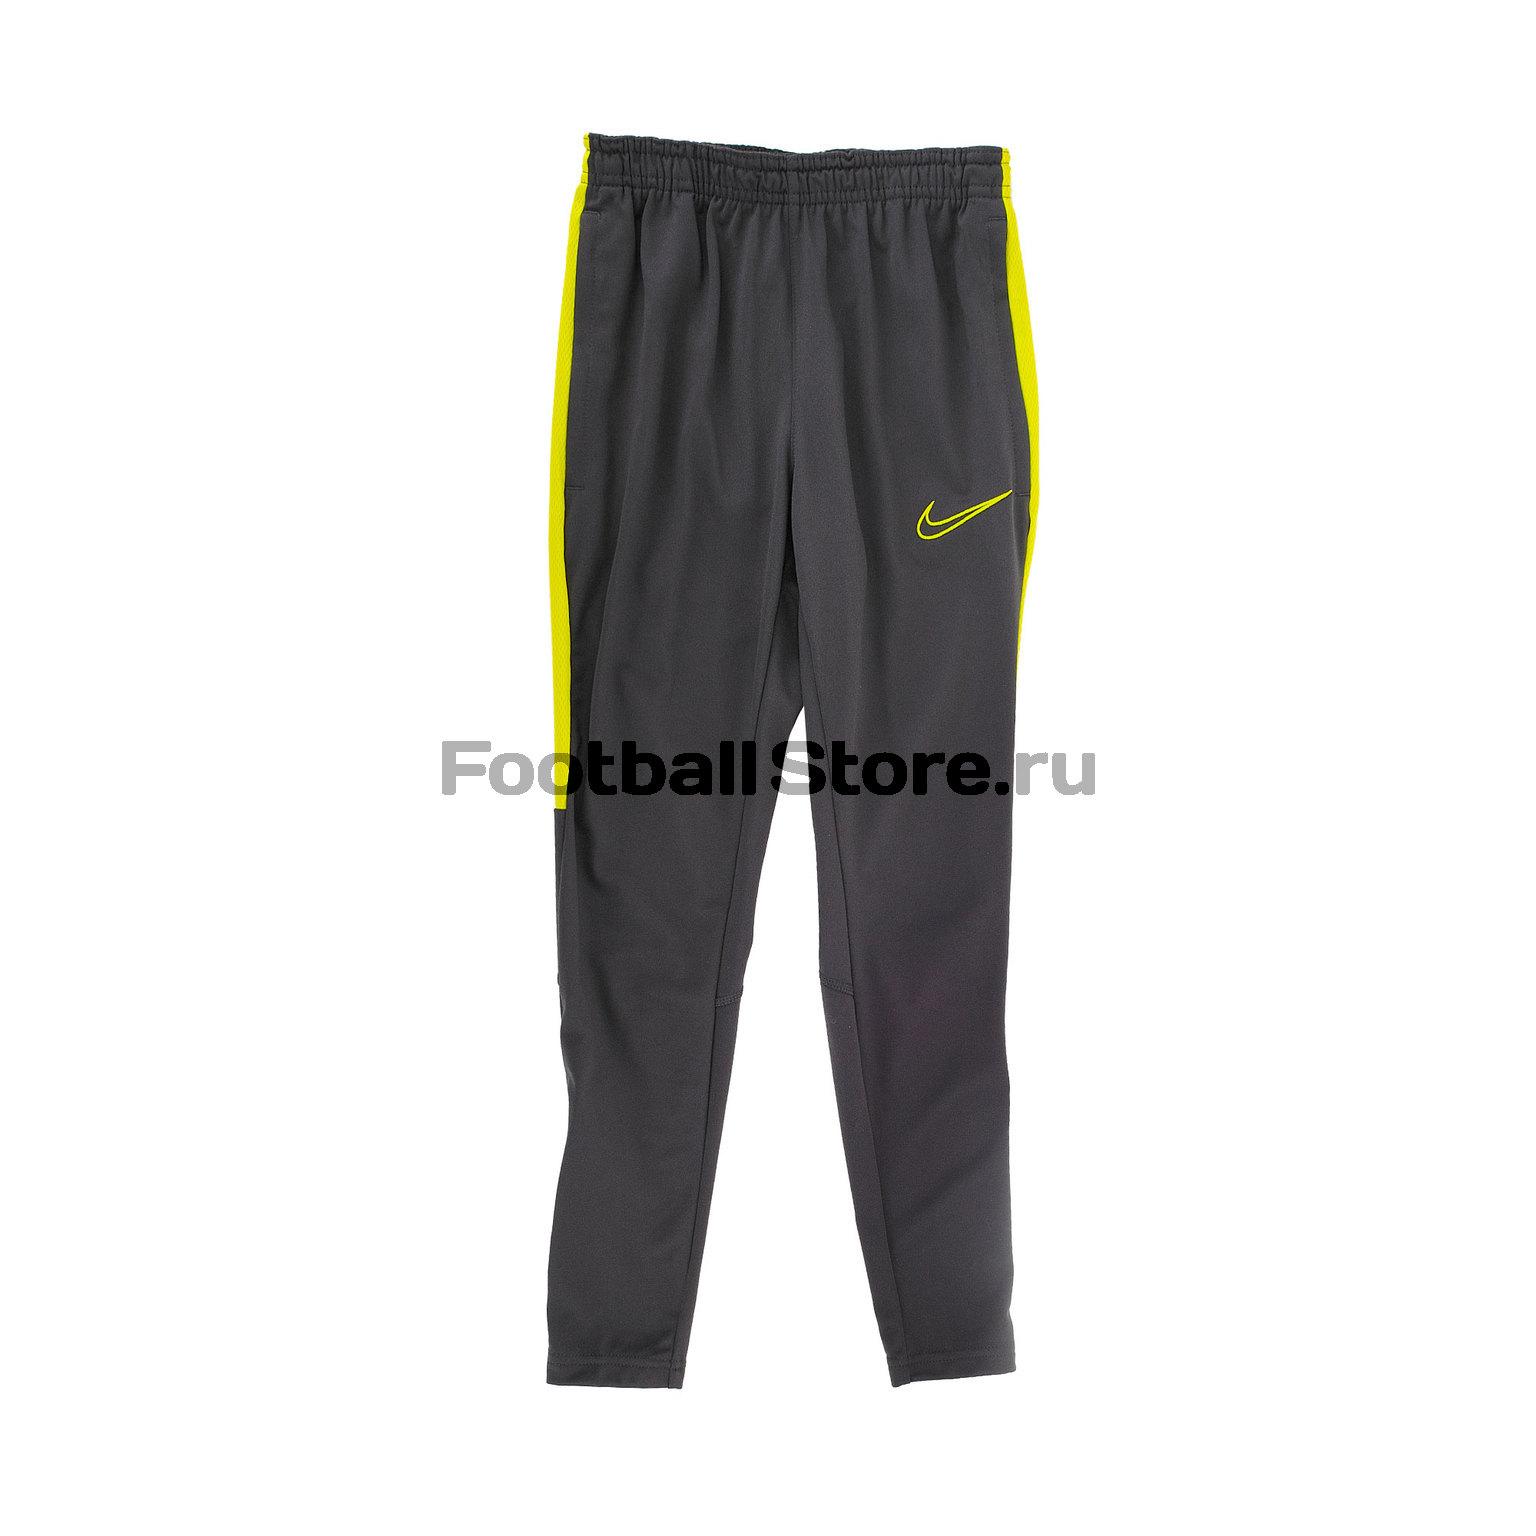 Брюки тренировочные подростковые Nike Dry Academy Pant AO0745-061